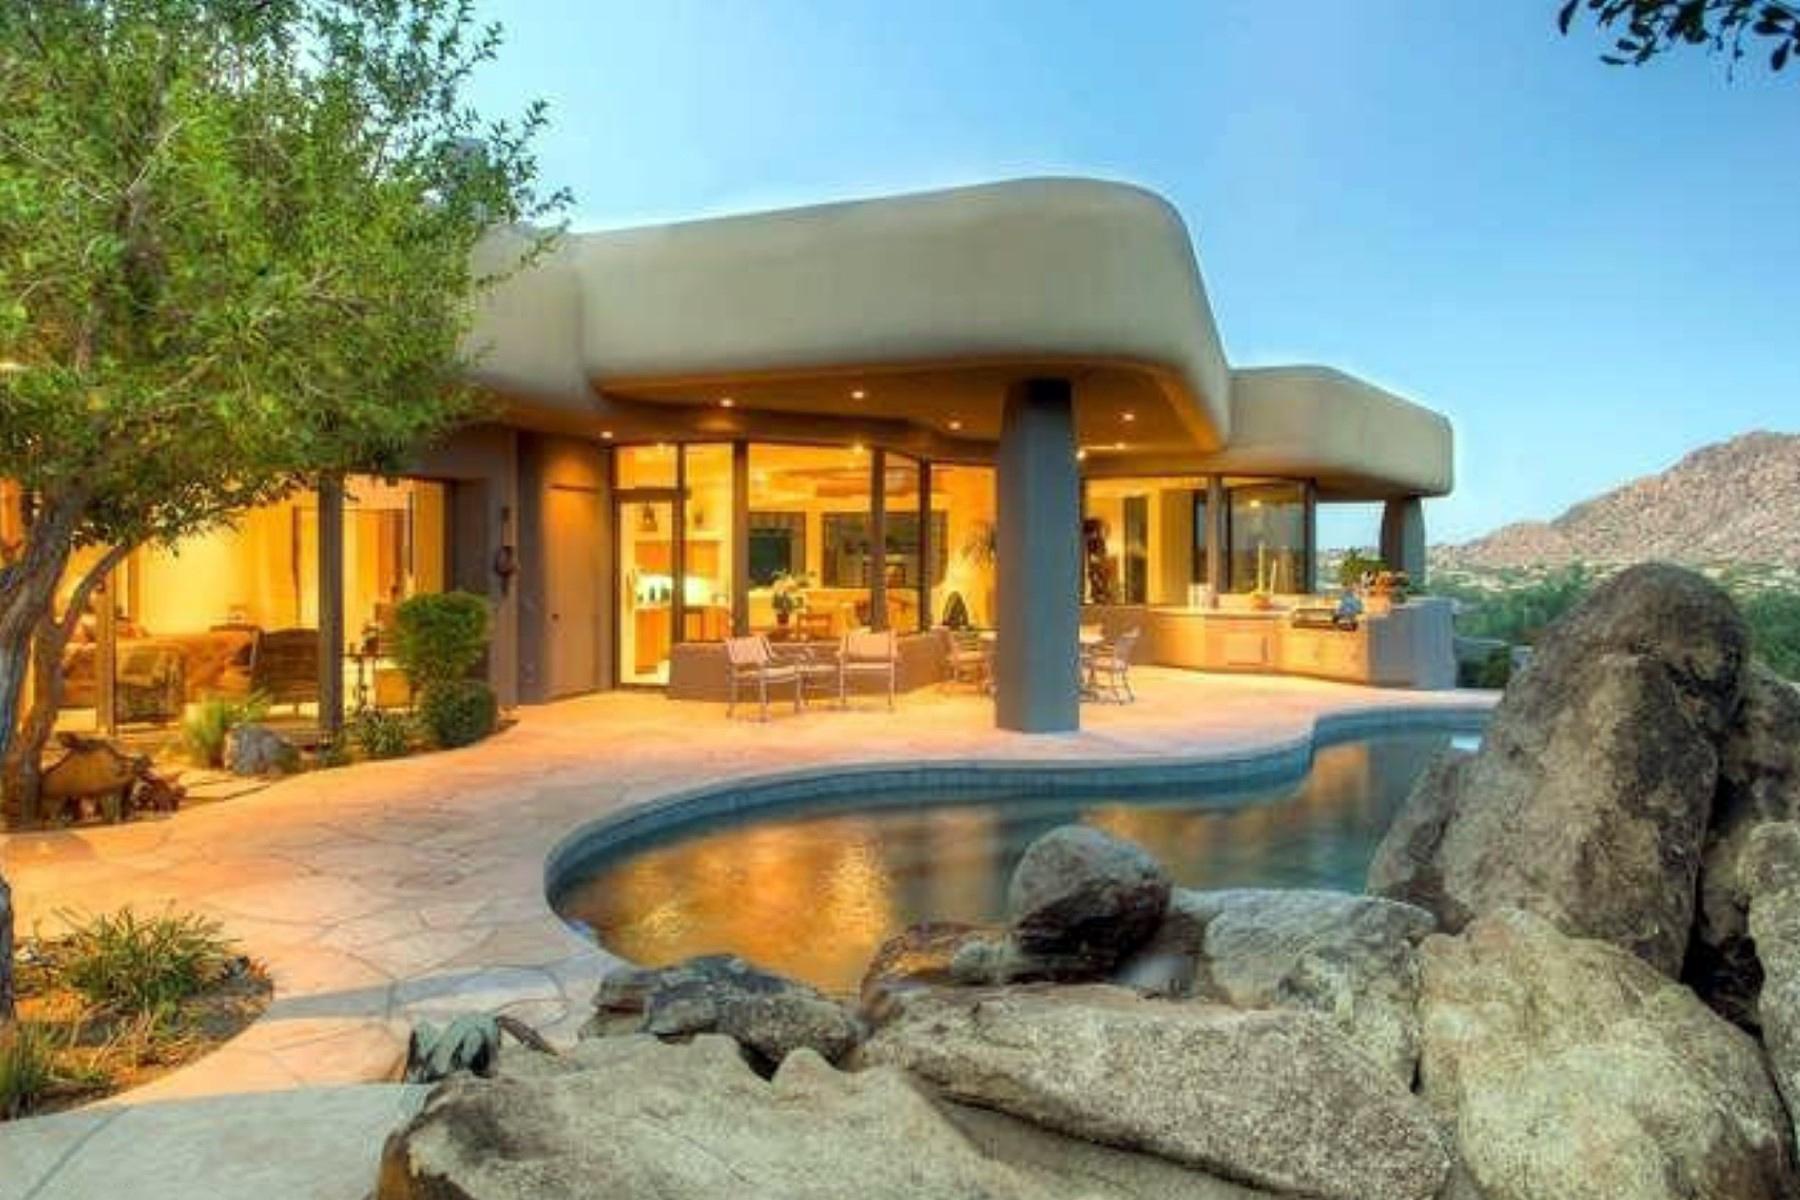 Maison unifamiliale pour l Vente à Design Masterpiece in Hillside Villas at Desert Highlands 10040 E Happy Valley Rd #1027 Scottsdale, Arizona 85255 États-Unis